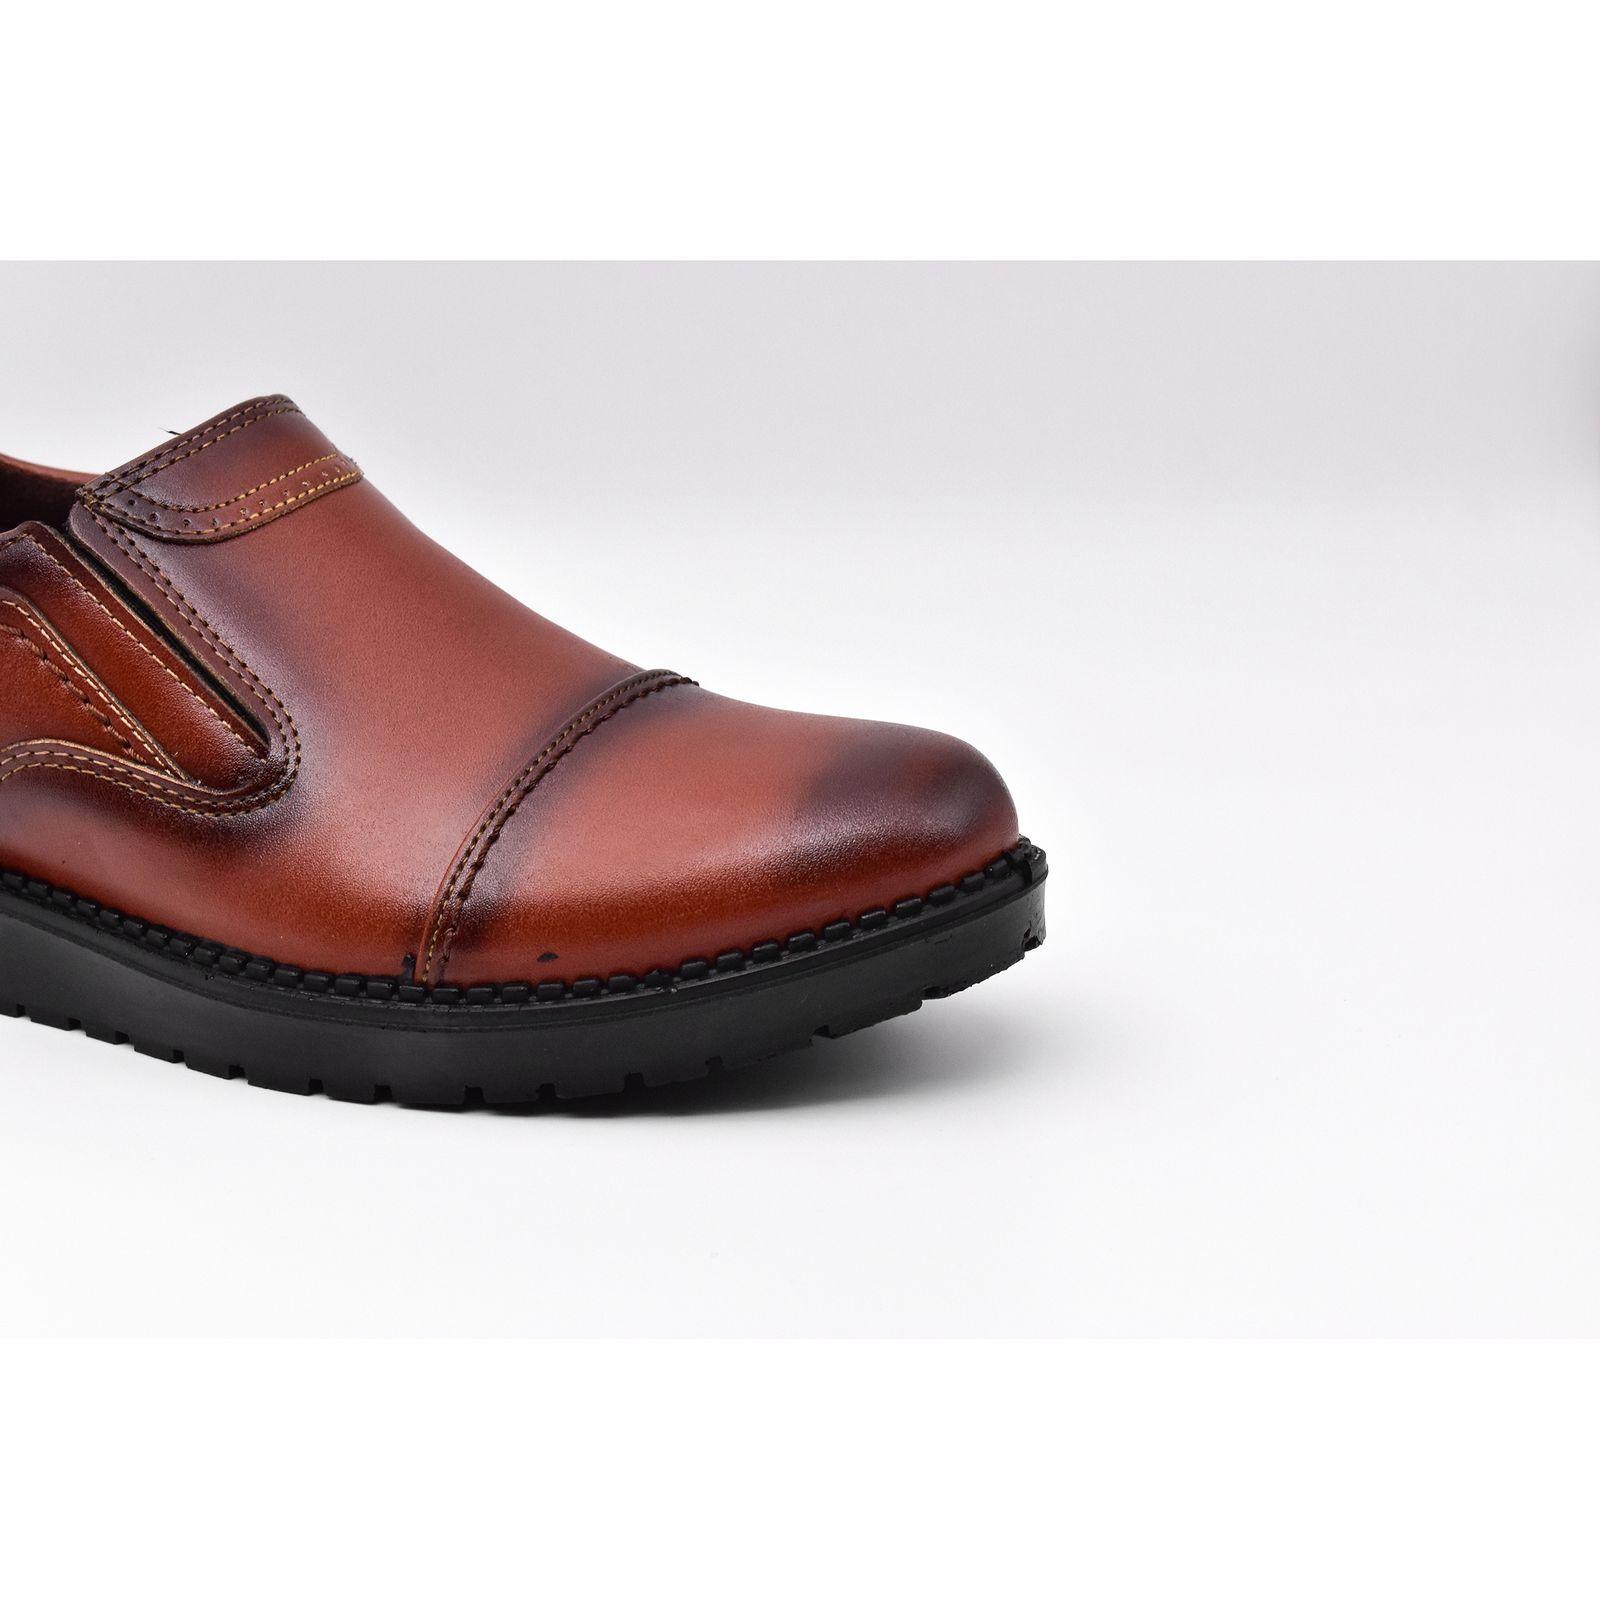 کفش روزمره مردانه مدل پردیس کد 5968 -  - 4